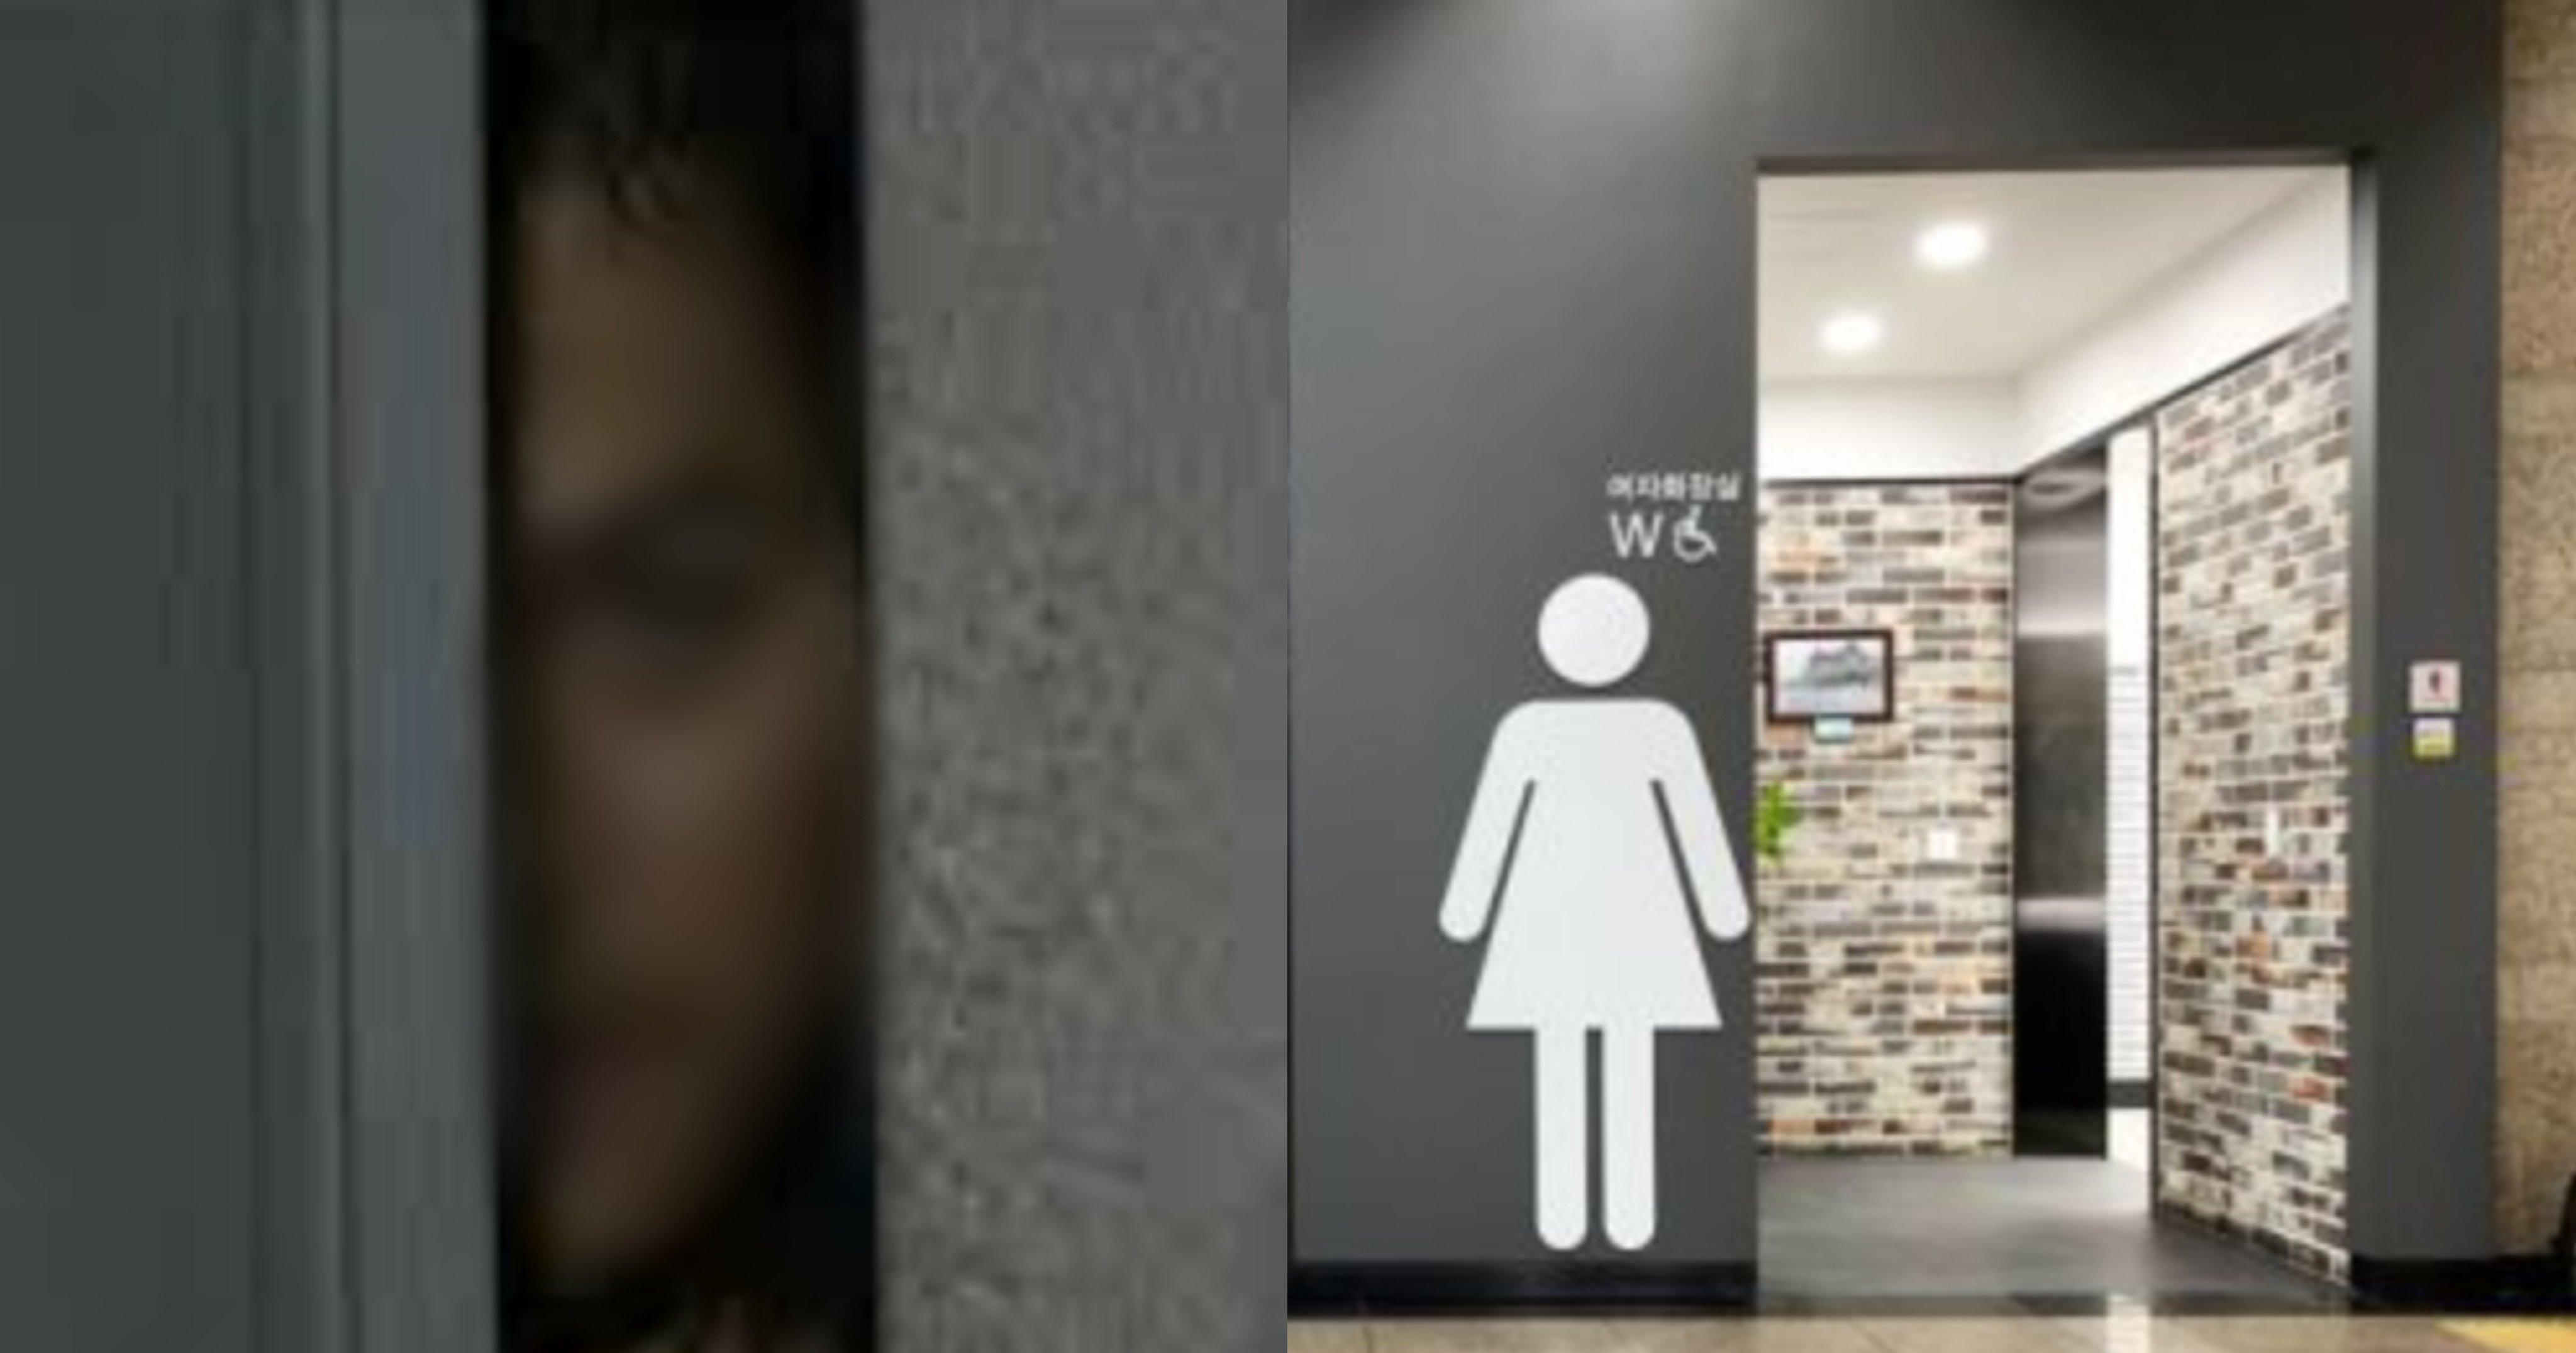 """87e20d7d 3ffc 42cb b530 526ff0ca3bf0.jpeg?resize=1200,630 - """"여자화장실 묻지마 폭행""""...모르는 여성을 화장실 까지 쫓아가 '벽돌'로 폭행한 충격적 이유"""